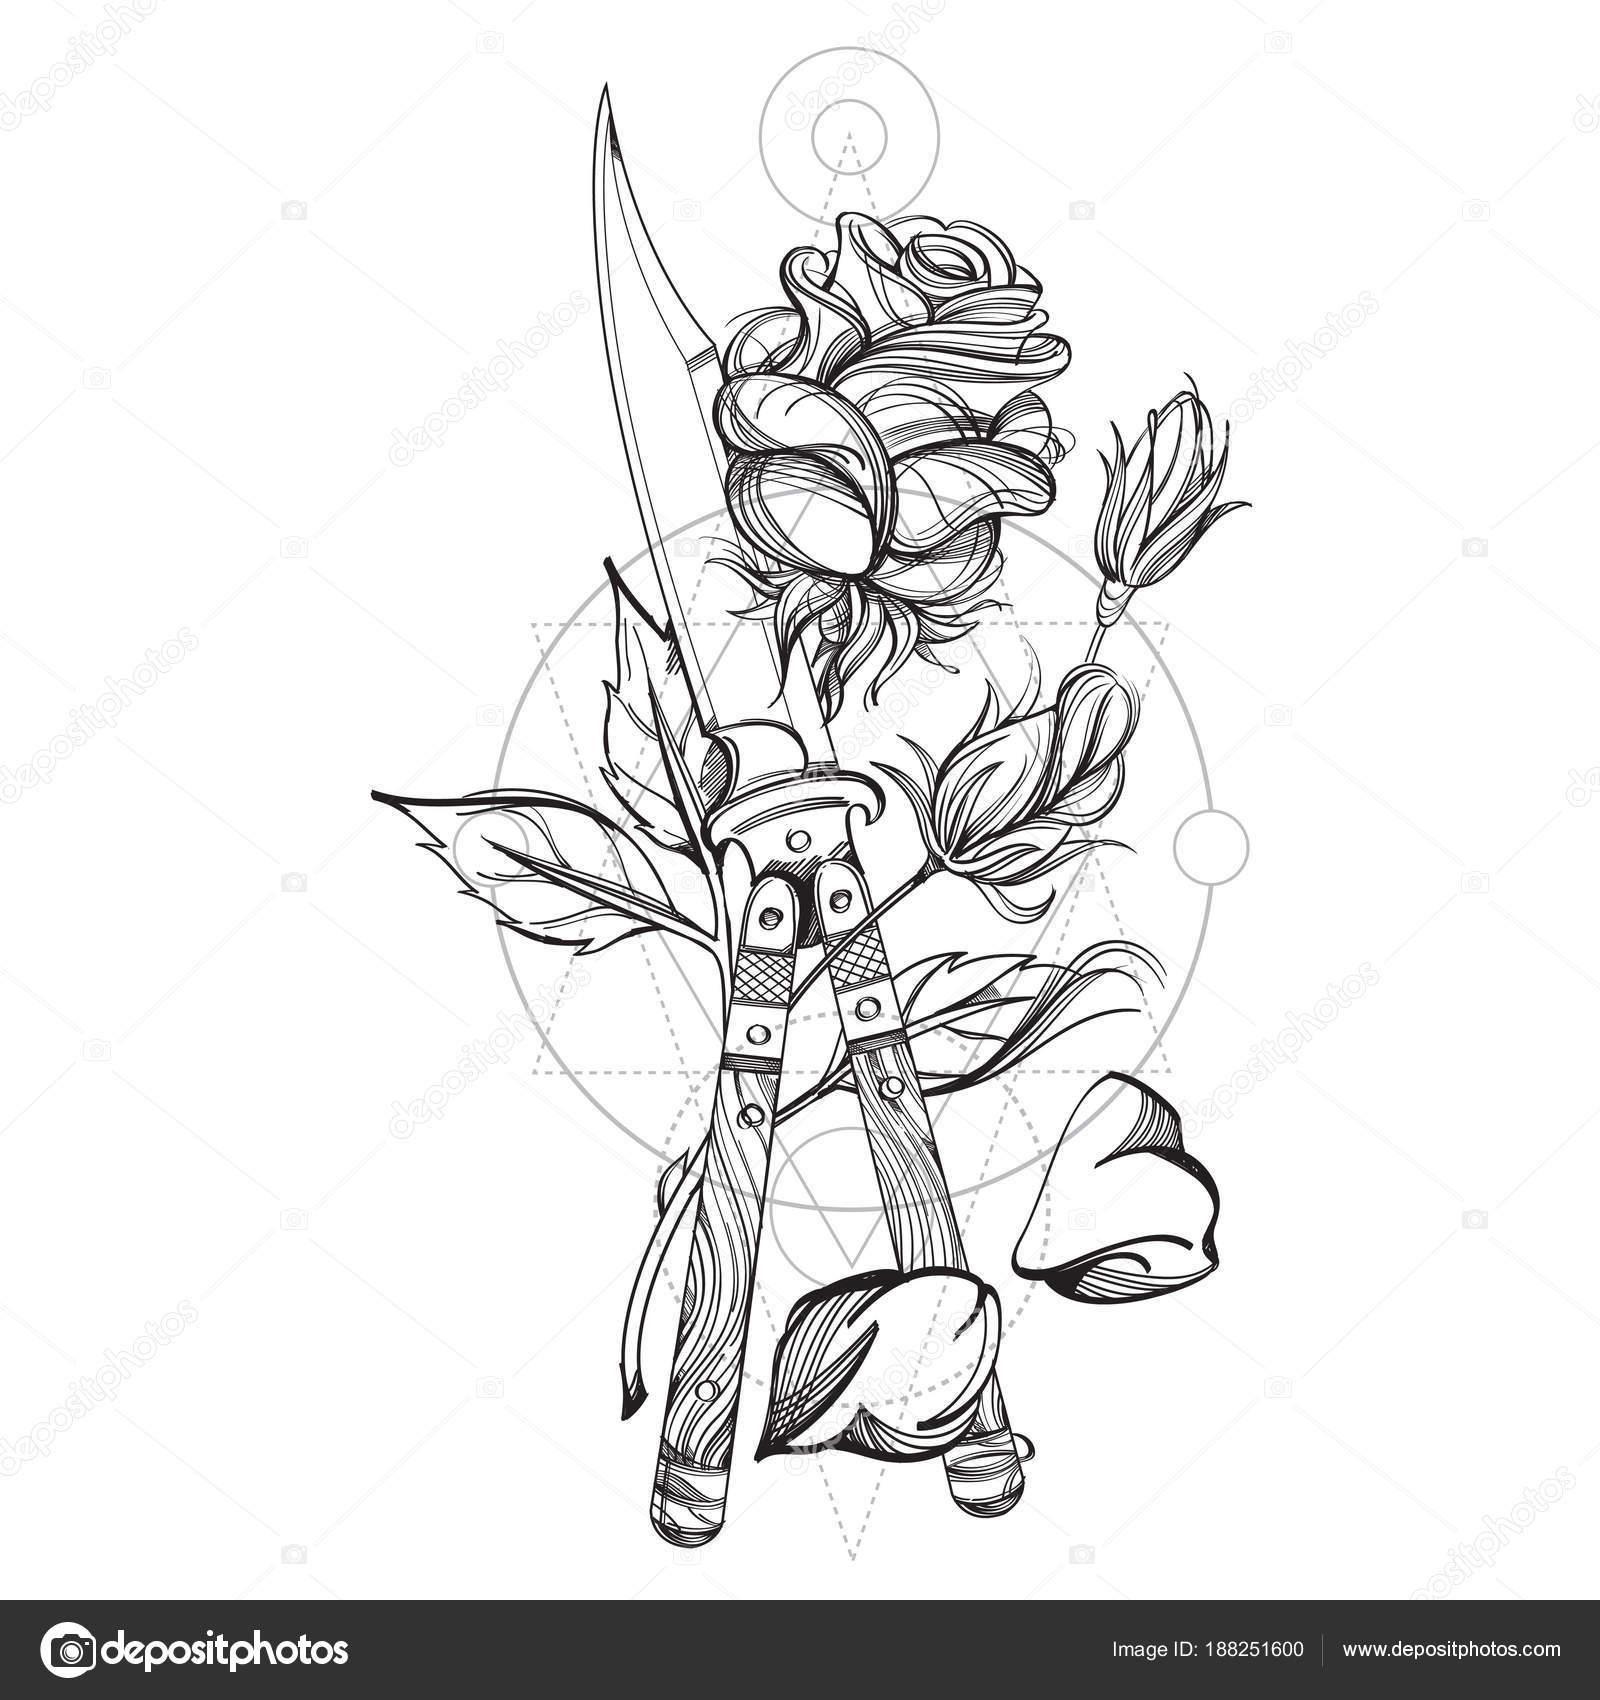 Dibujos Tatuajes De Flores Contorno Daga Rosas Dibujo Para